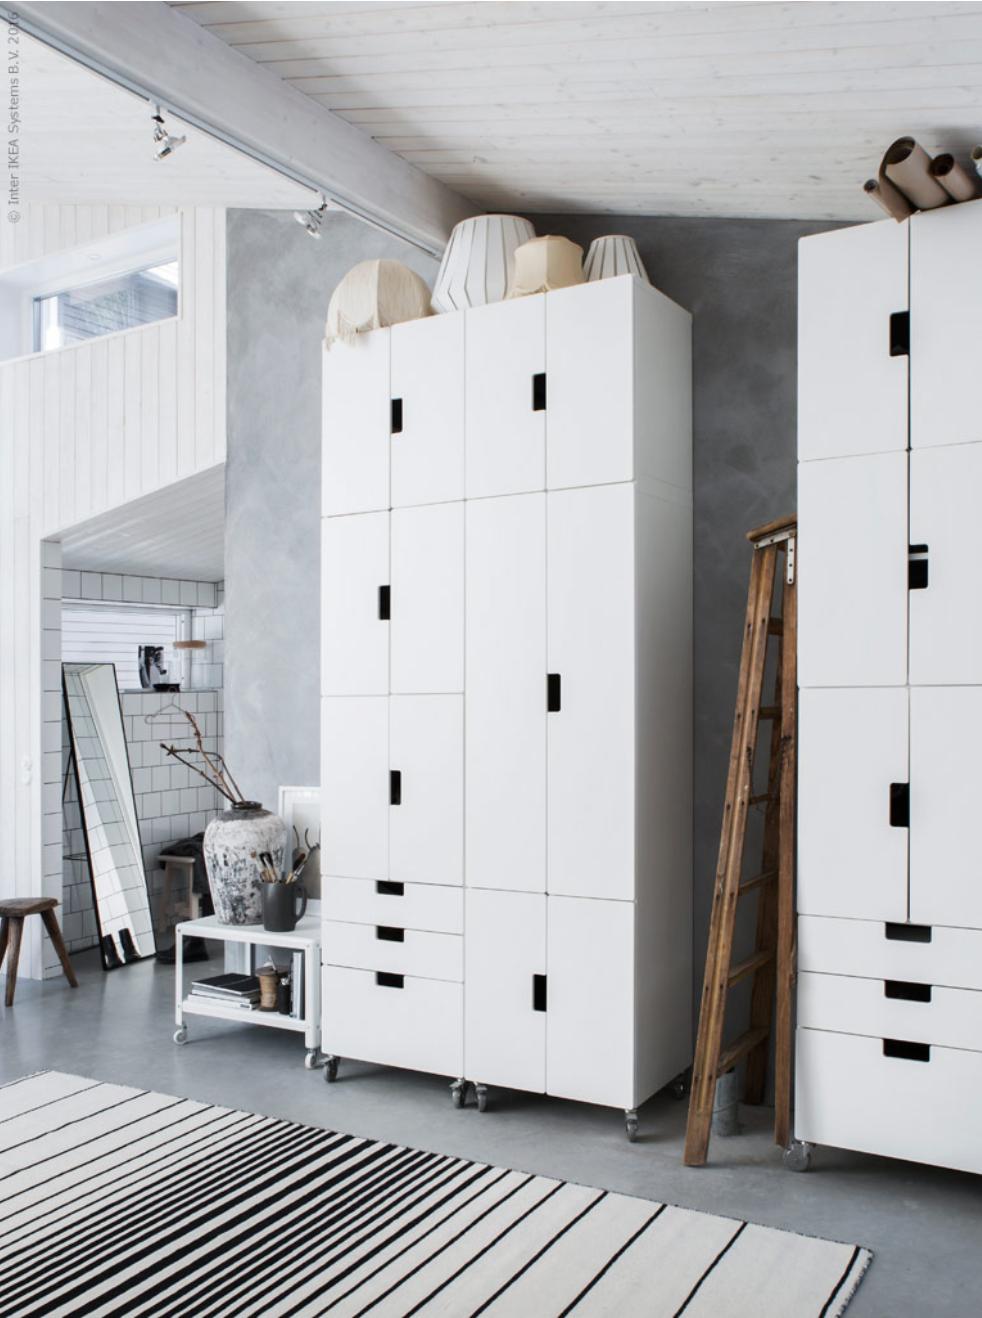 5 SNYGGA FÖRVARINGS IKEA DIY HACKS